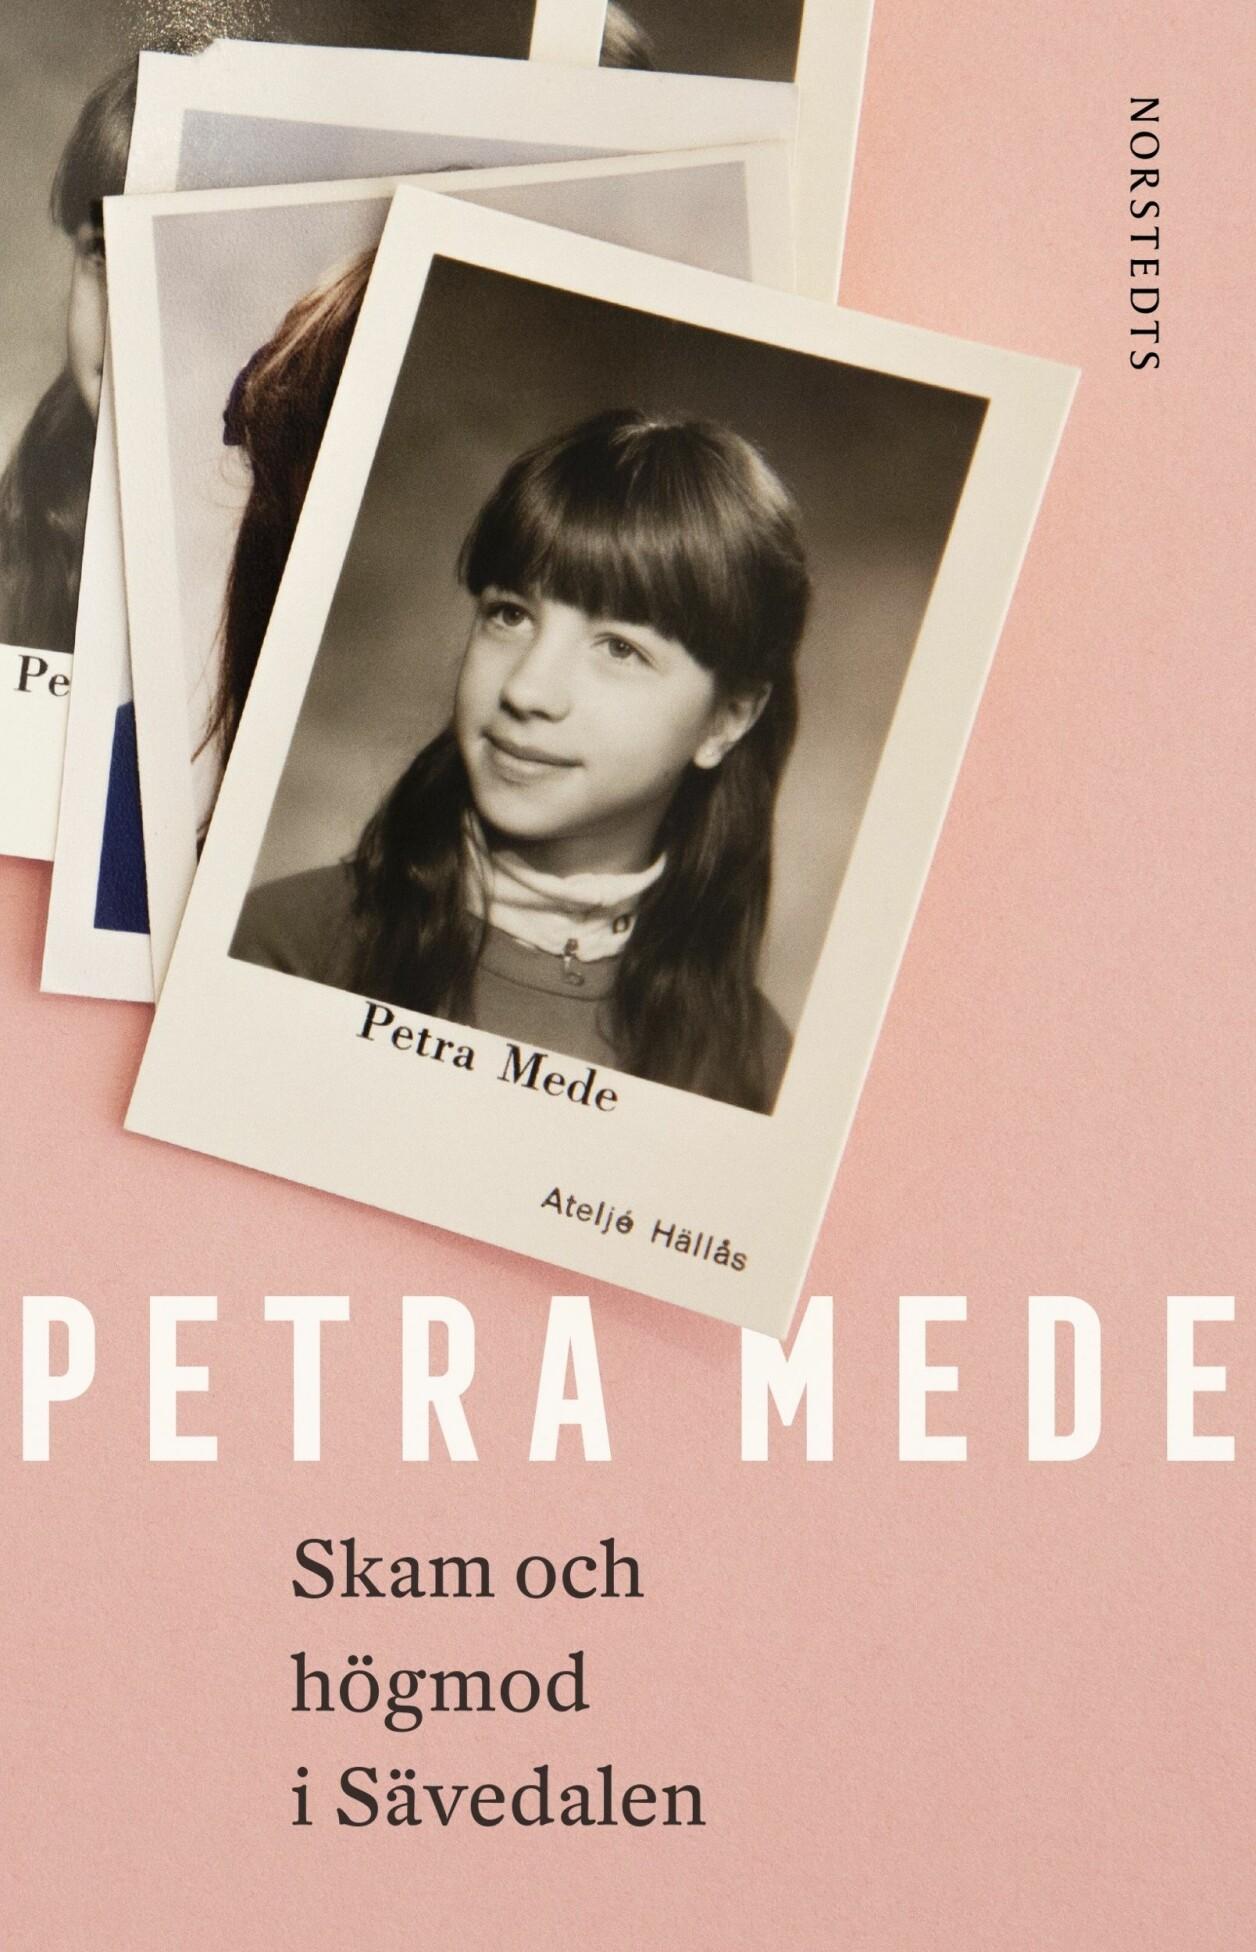 Petra Medes debutbok Skam och högmod i Sävdalen